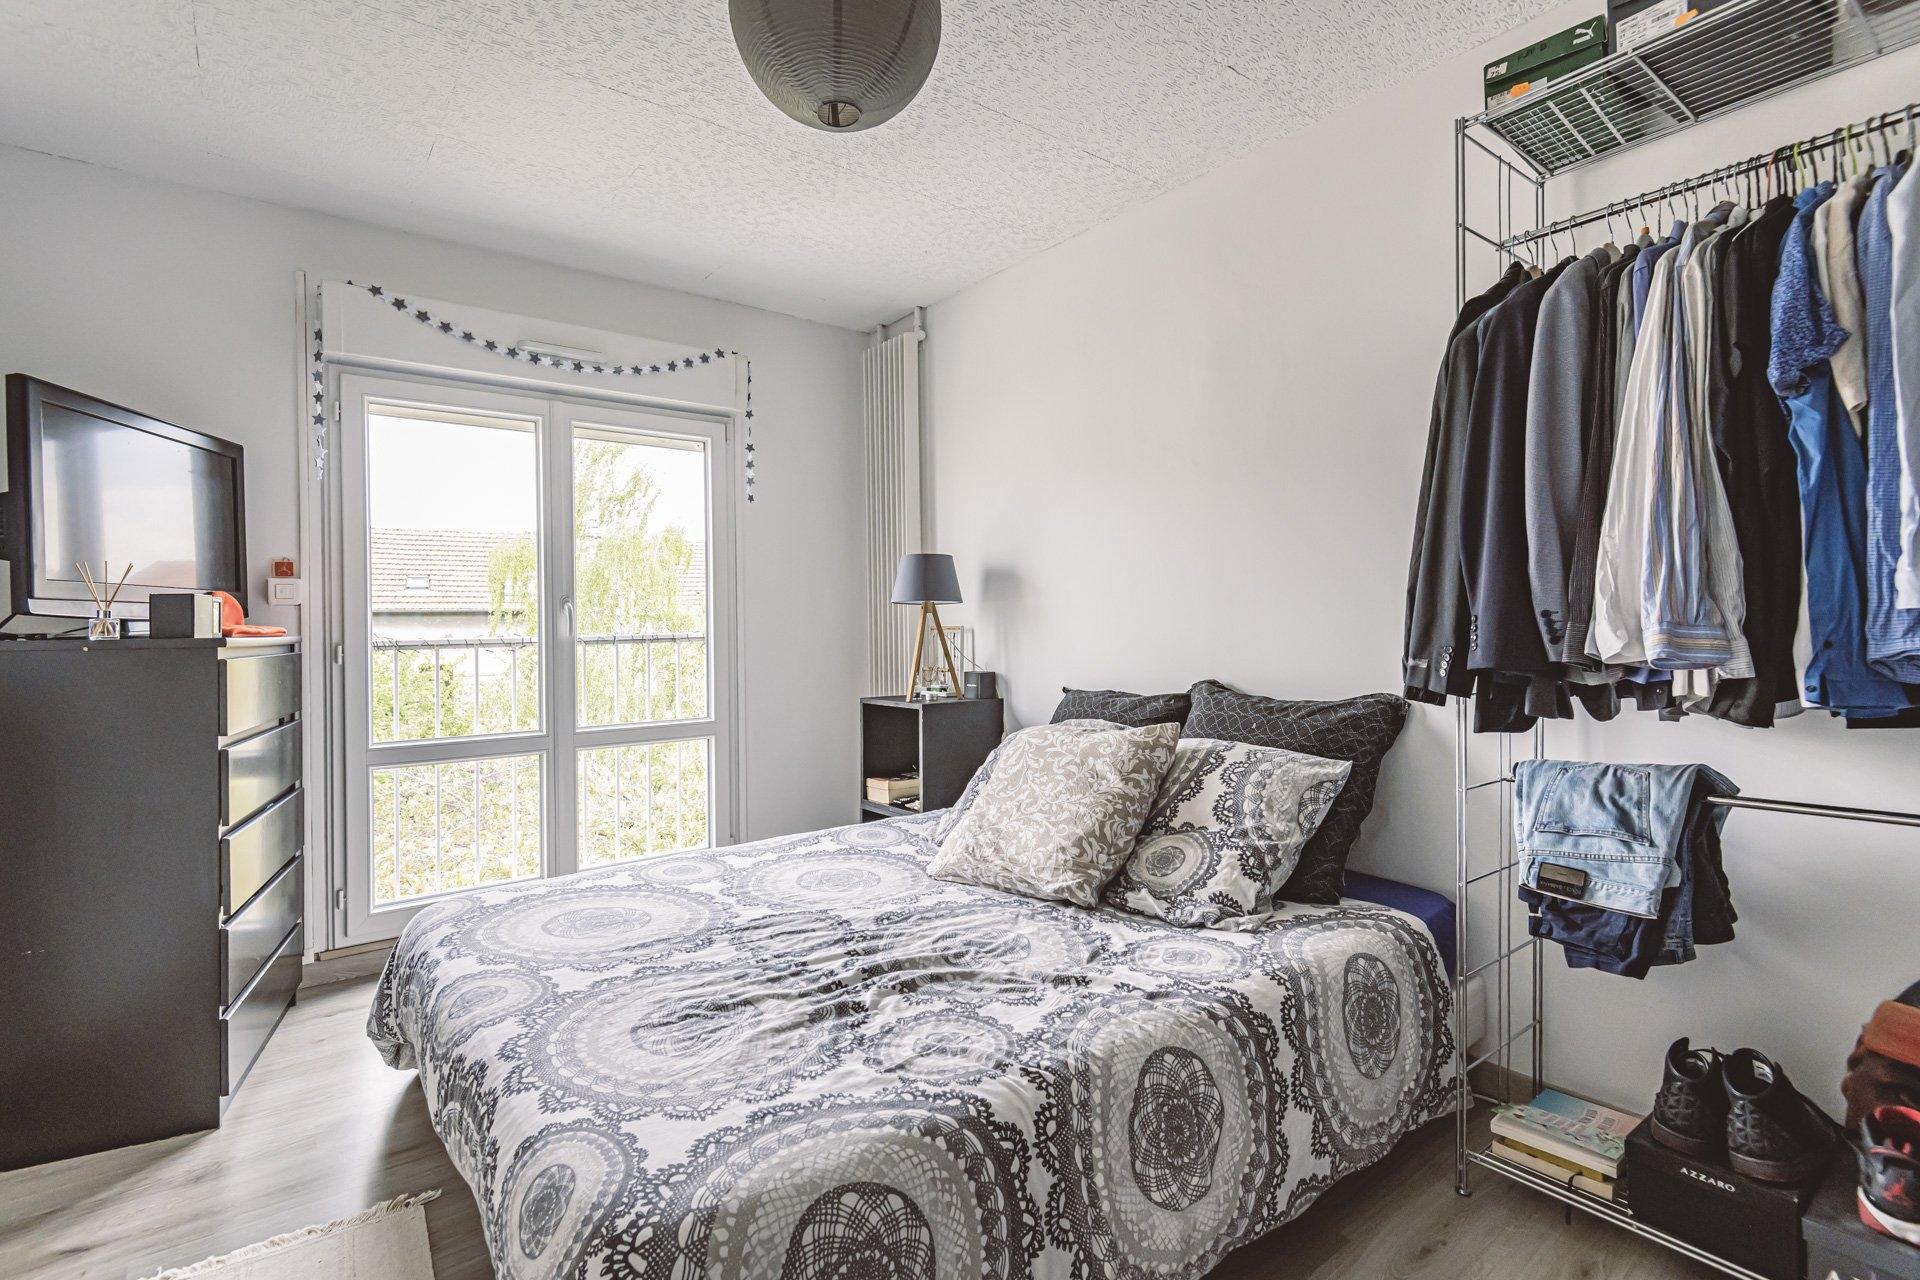 Appartement Reims 3 Pièces 68.3 m2 - Balcon - 5